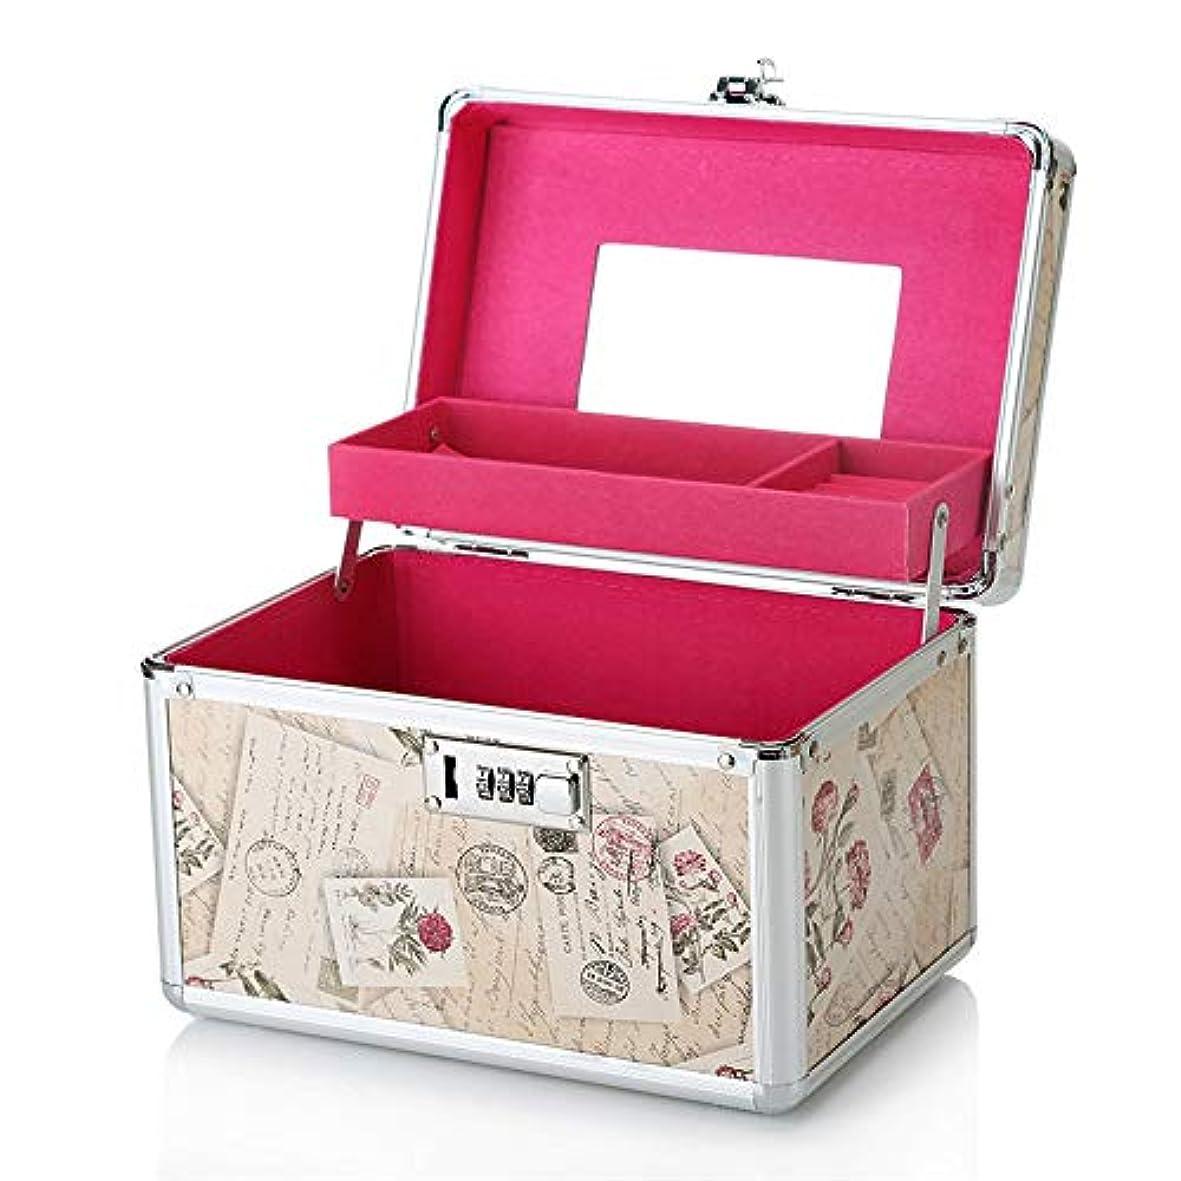 地区水銀のセッション特大スペース収納ビューティーボックス 美の構造のためそしてジッパーおよび折る皿が付いている女の子の女性旅行そして毎日の貯蔵のための高容量の携帯用化粧品袋 化粧品化粧台